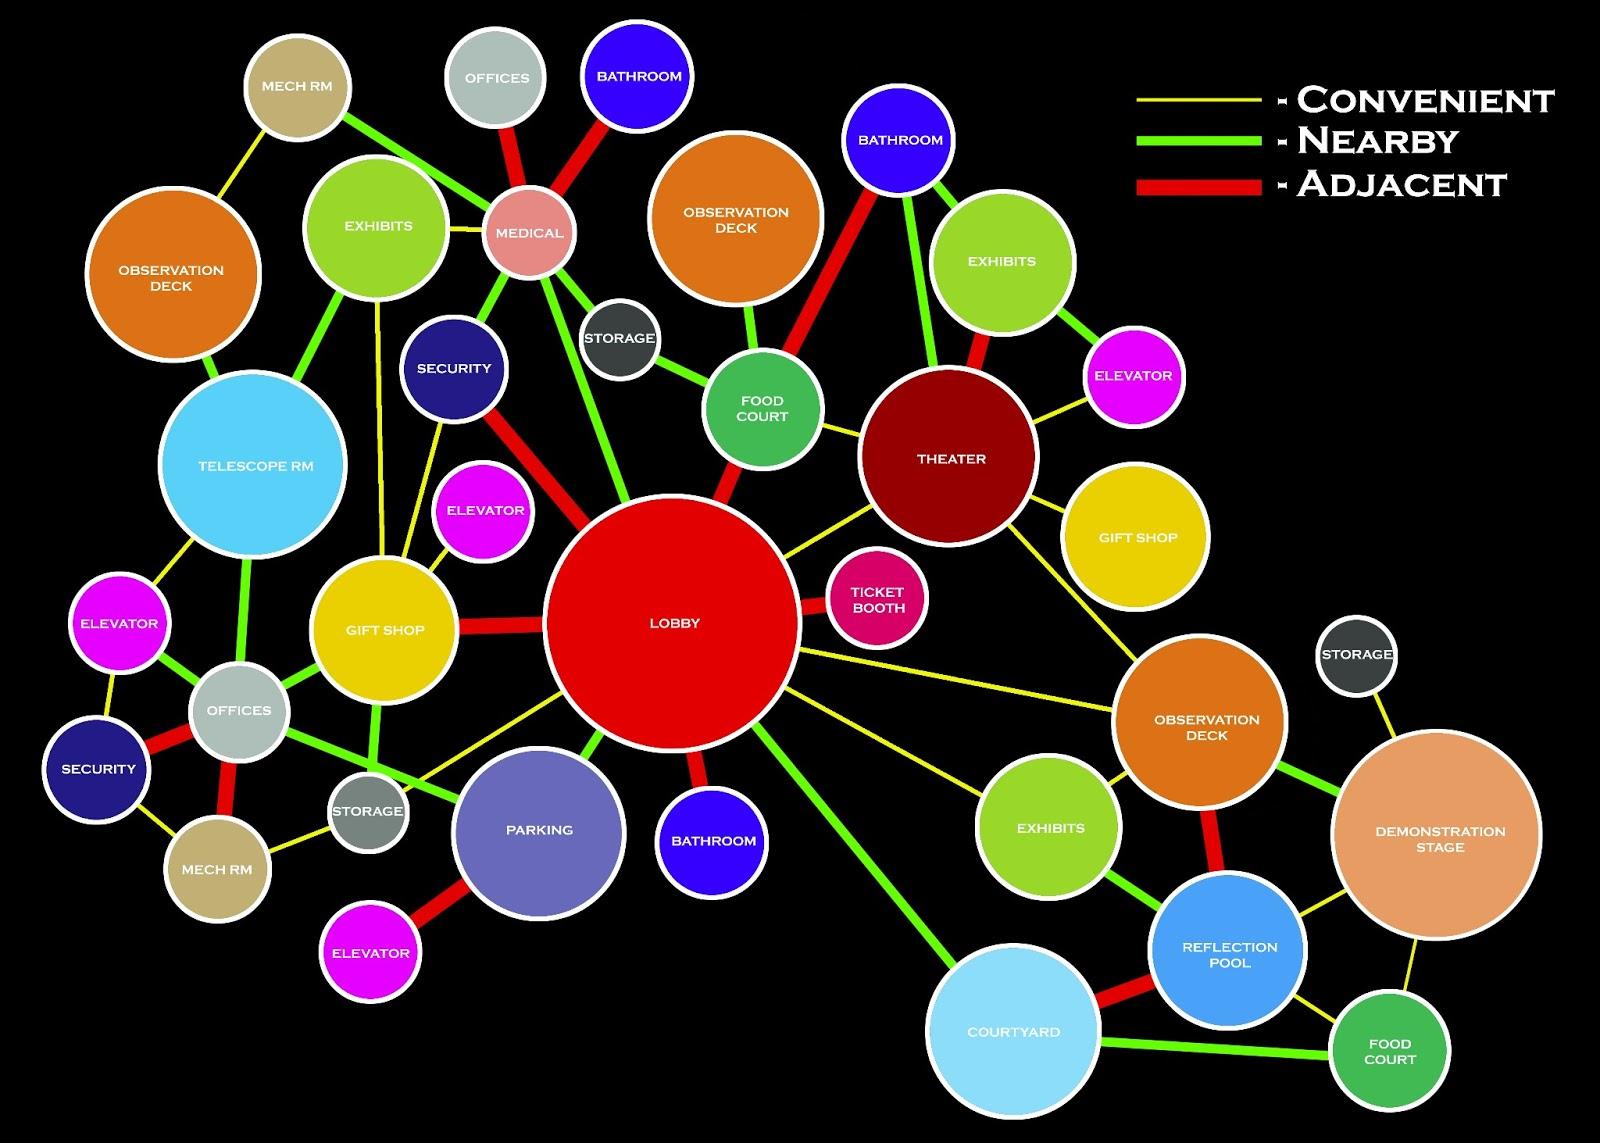 Wu Arch3610 Sp2013  Matrix  U0026 Bubble Diagram